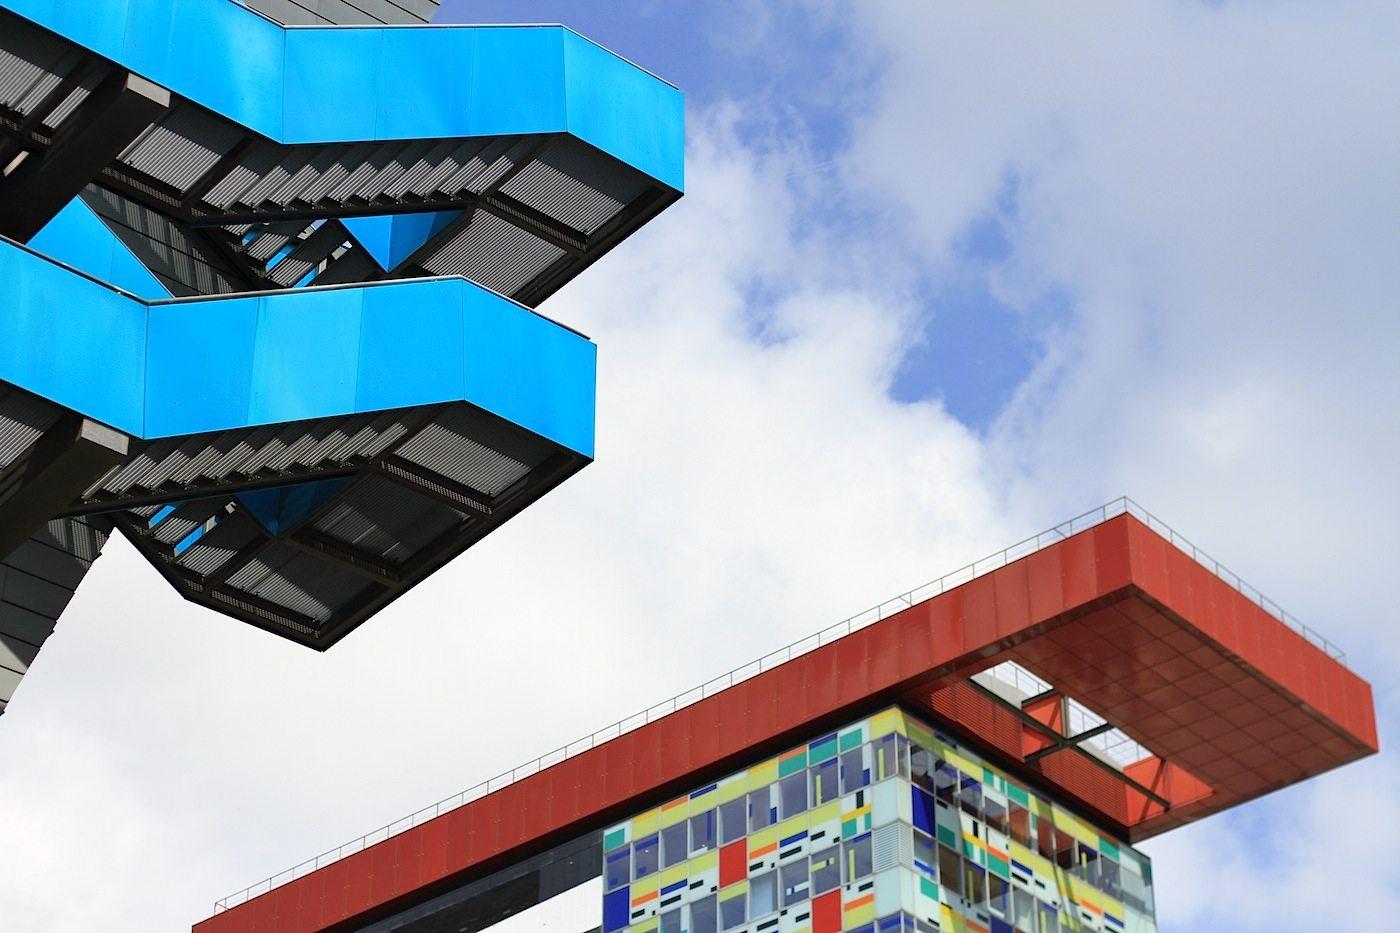 """Am Handelshafen 4.  PEC Port Event Center und DOCK – Düsseldorf  Office Center. Von Jo Coenen, Maastricht. Fertigstellung: 2002. Der """"Wolkenbügel"""" von Professor Wansleben, Köln. Fertigstellung: 2002. Rechts im Bild: das Colorium."""